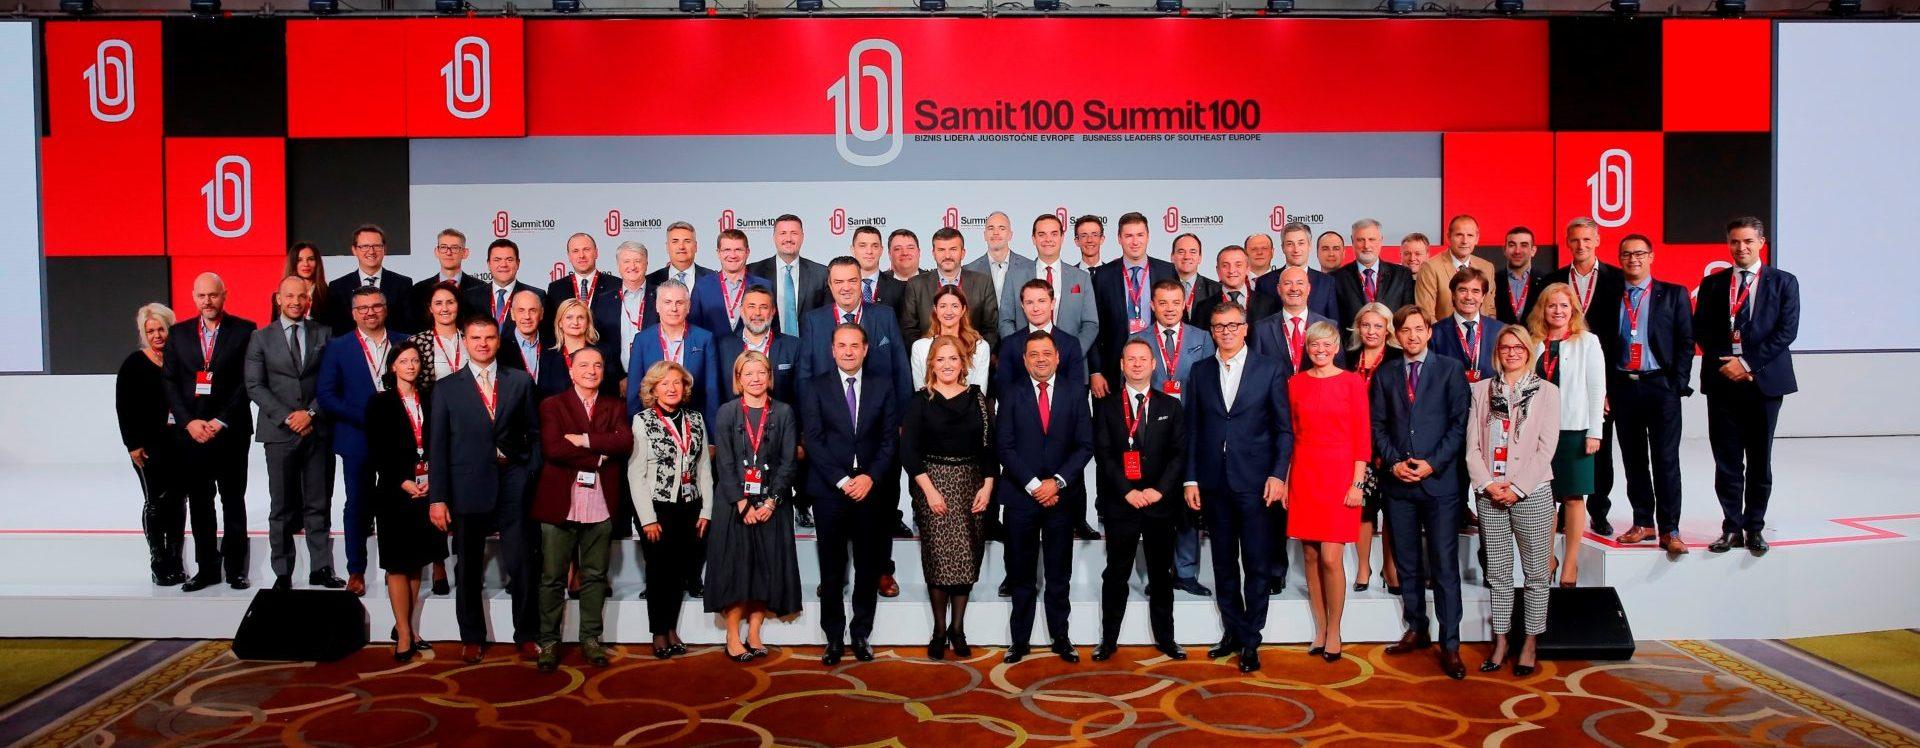 Plenarnim panelom završenSummit 100 biznis lidera jugoistočne Europe